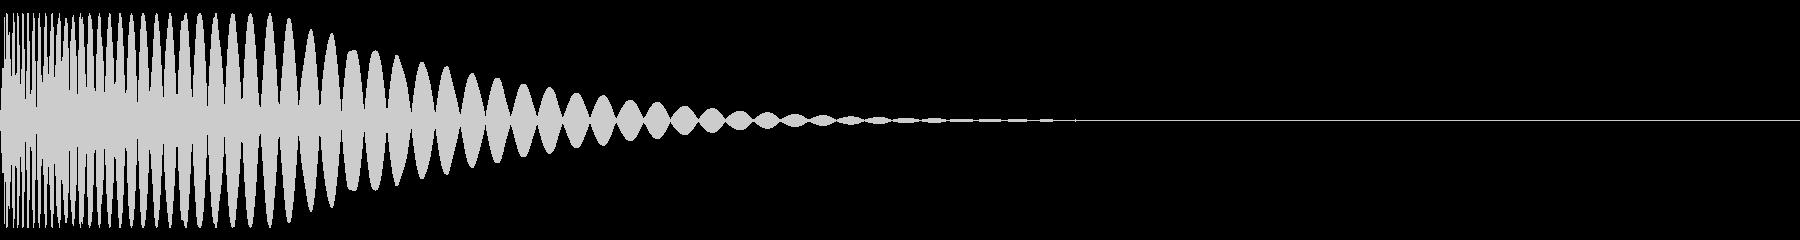 [音楽制作用]アナログキック01の未再生の波形